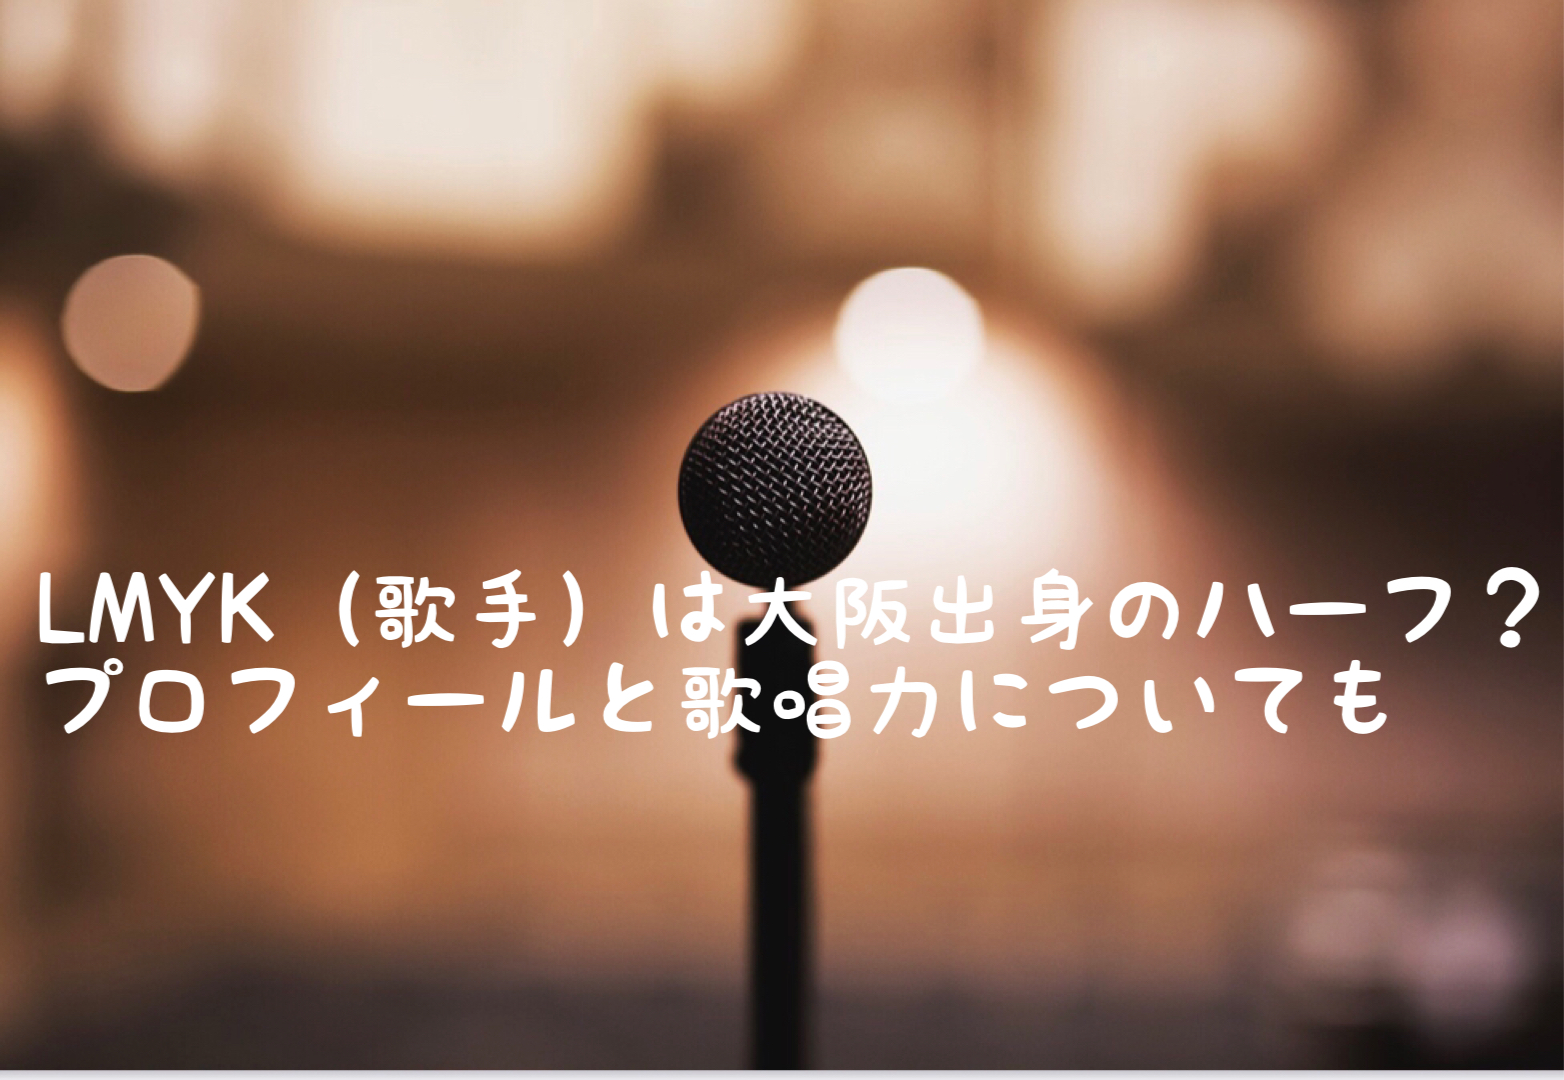 LMYK(歌手)は大阪出身のハーフ?プロフィールと歌唱力についても